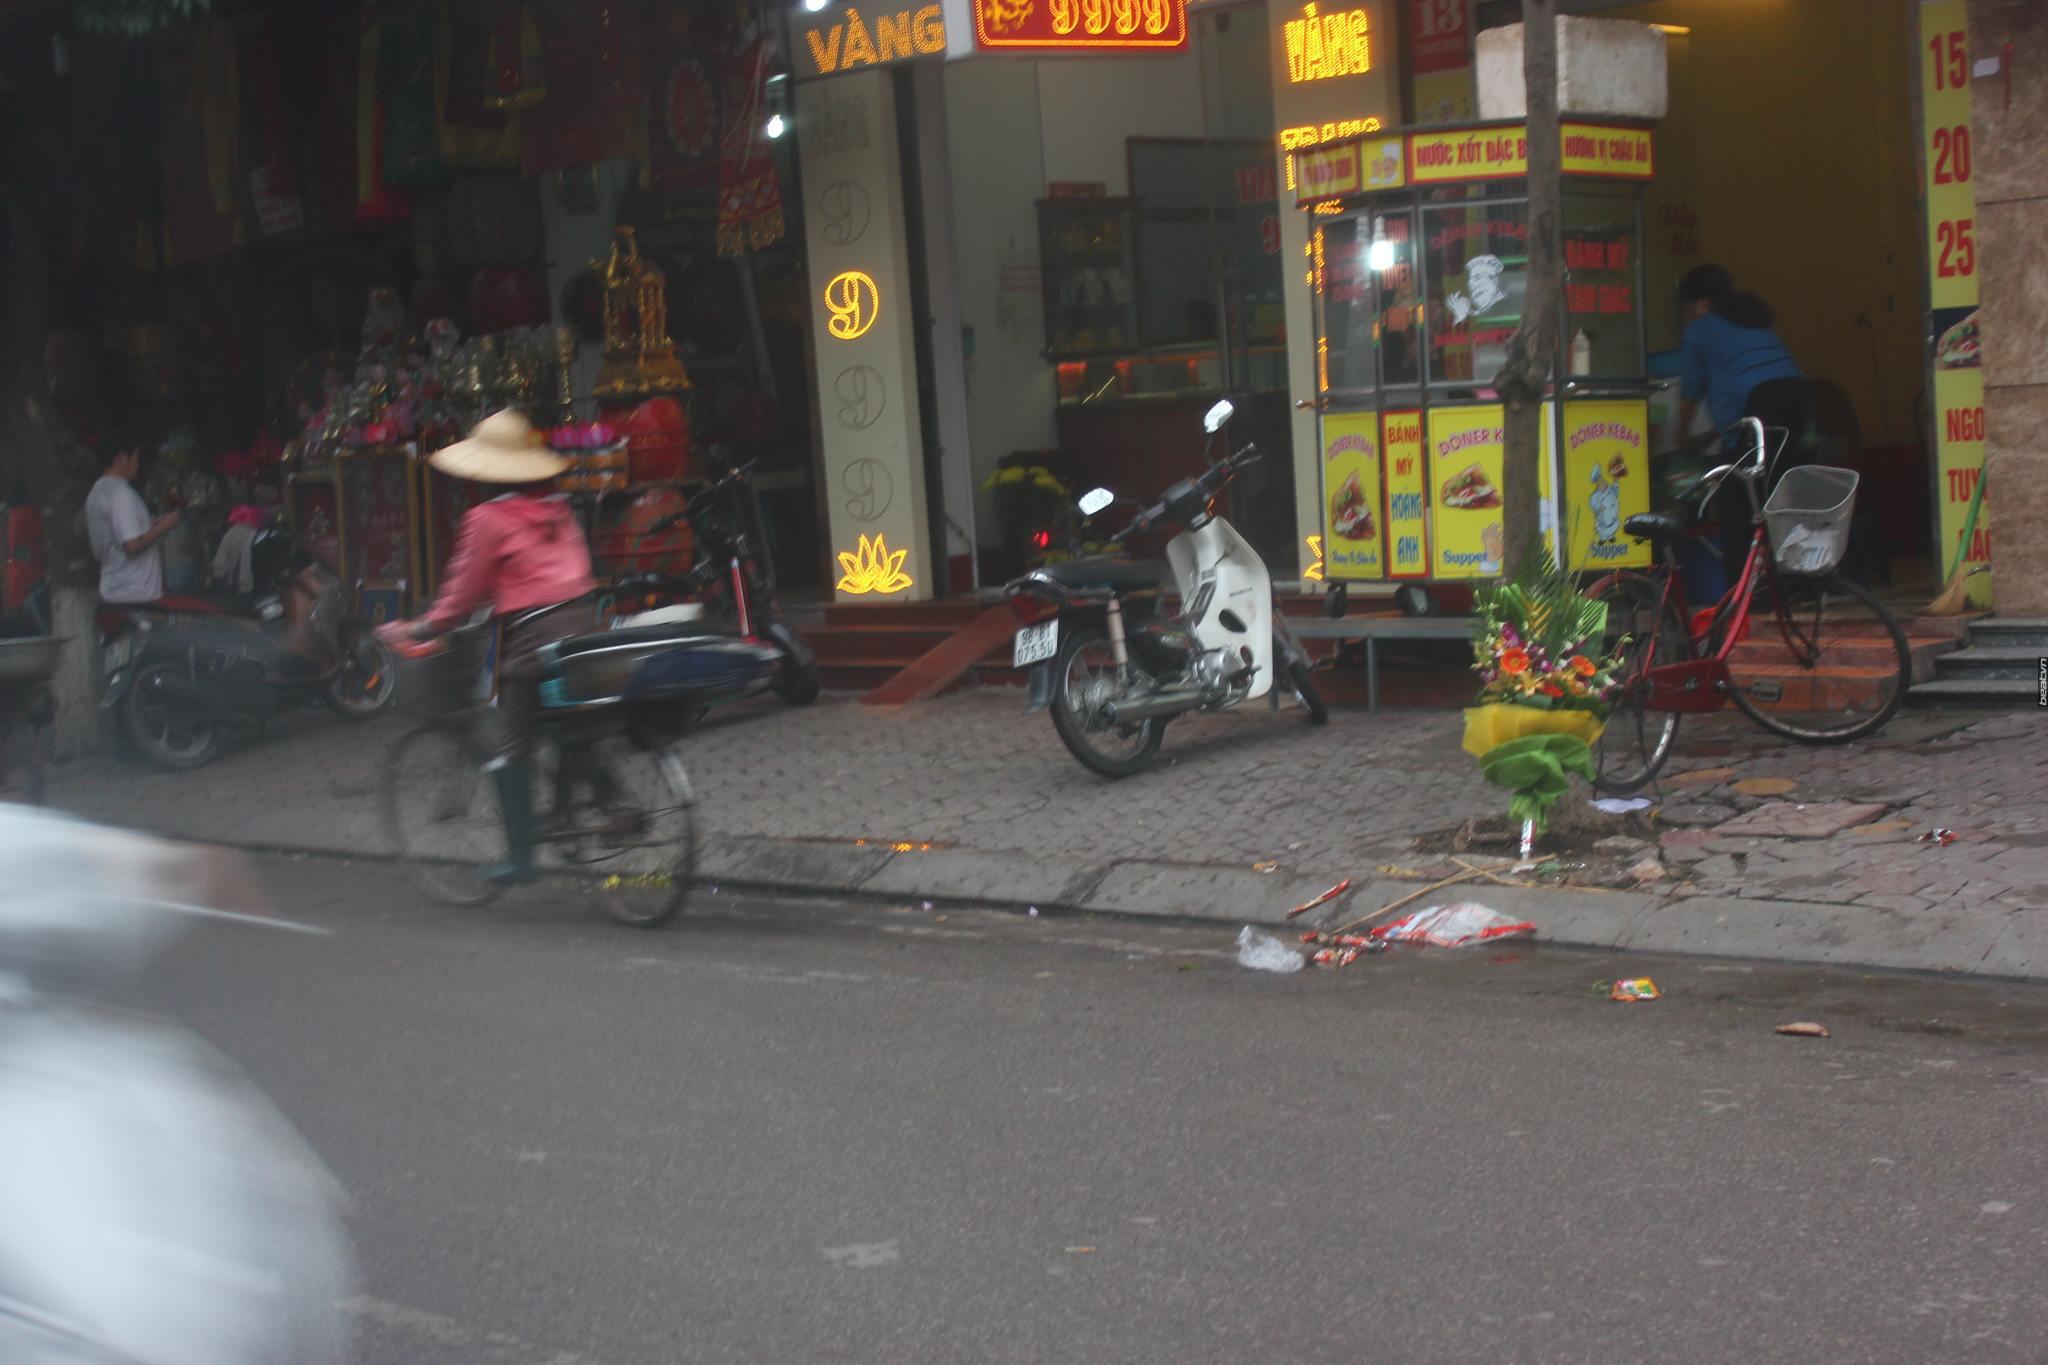 Câu chuyện xúc động về hai người mẹ nghèo đứng ngần ngại trước shop thời trang trẻ ở Bắc Giang - Ảnh 4.